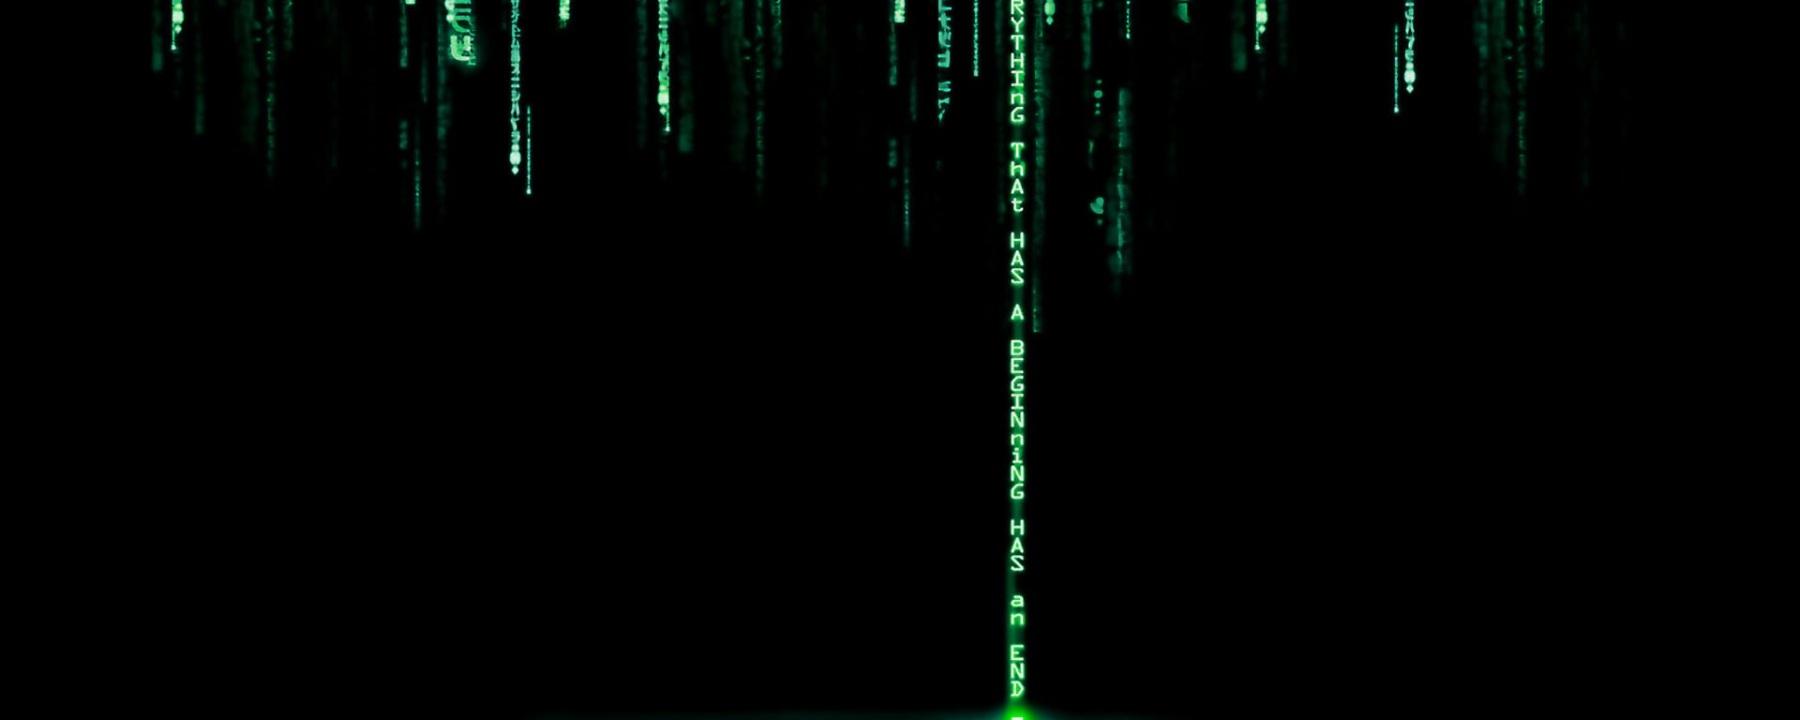 como-calcular-el-hash-de-un-archivo-o-ejecutable